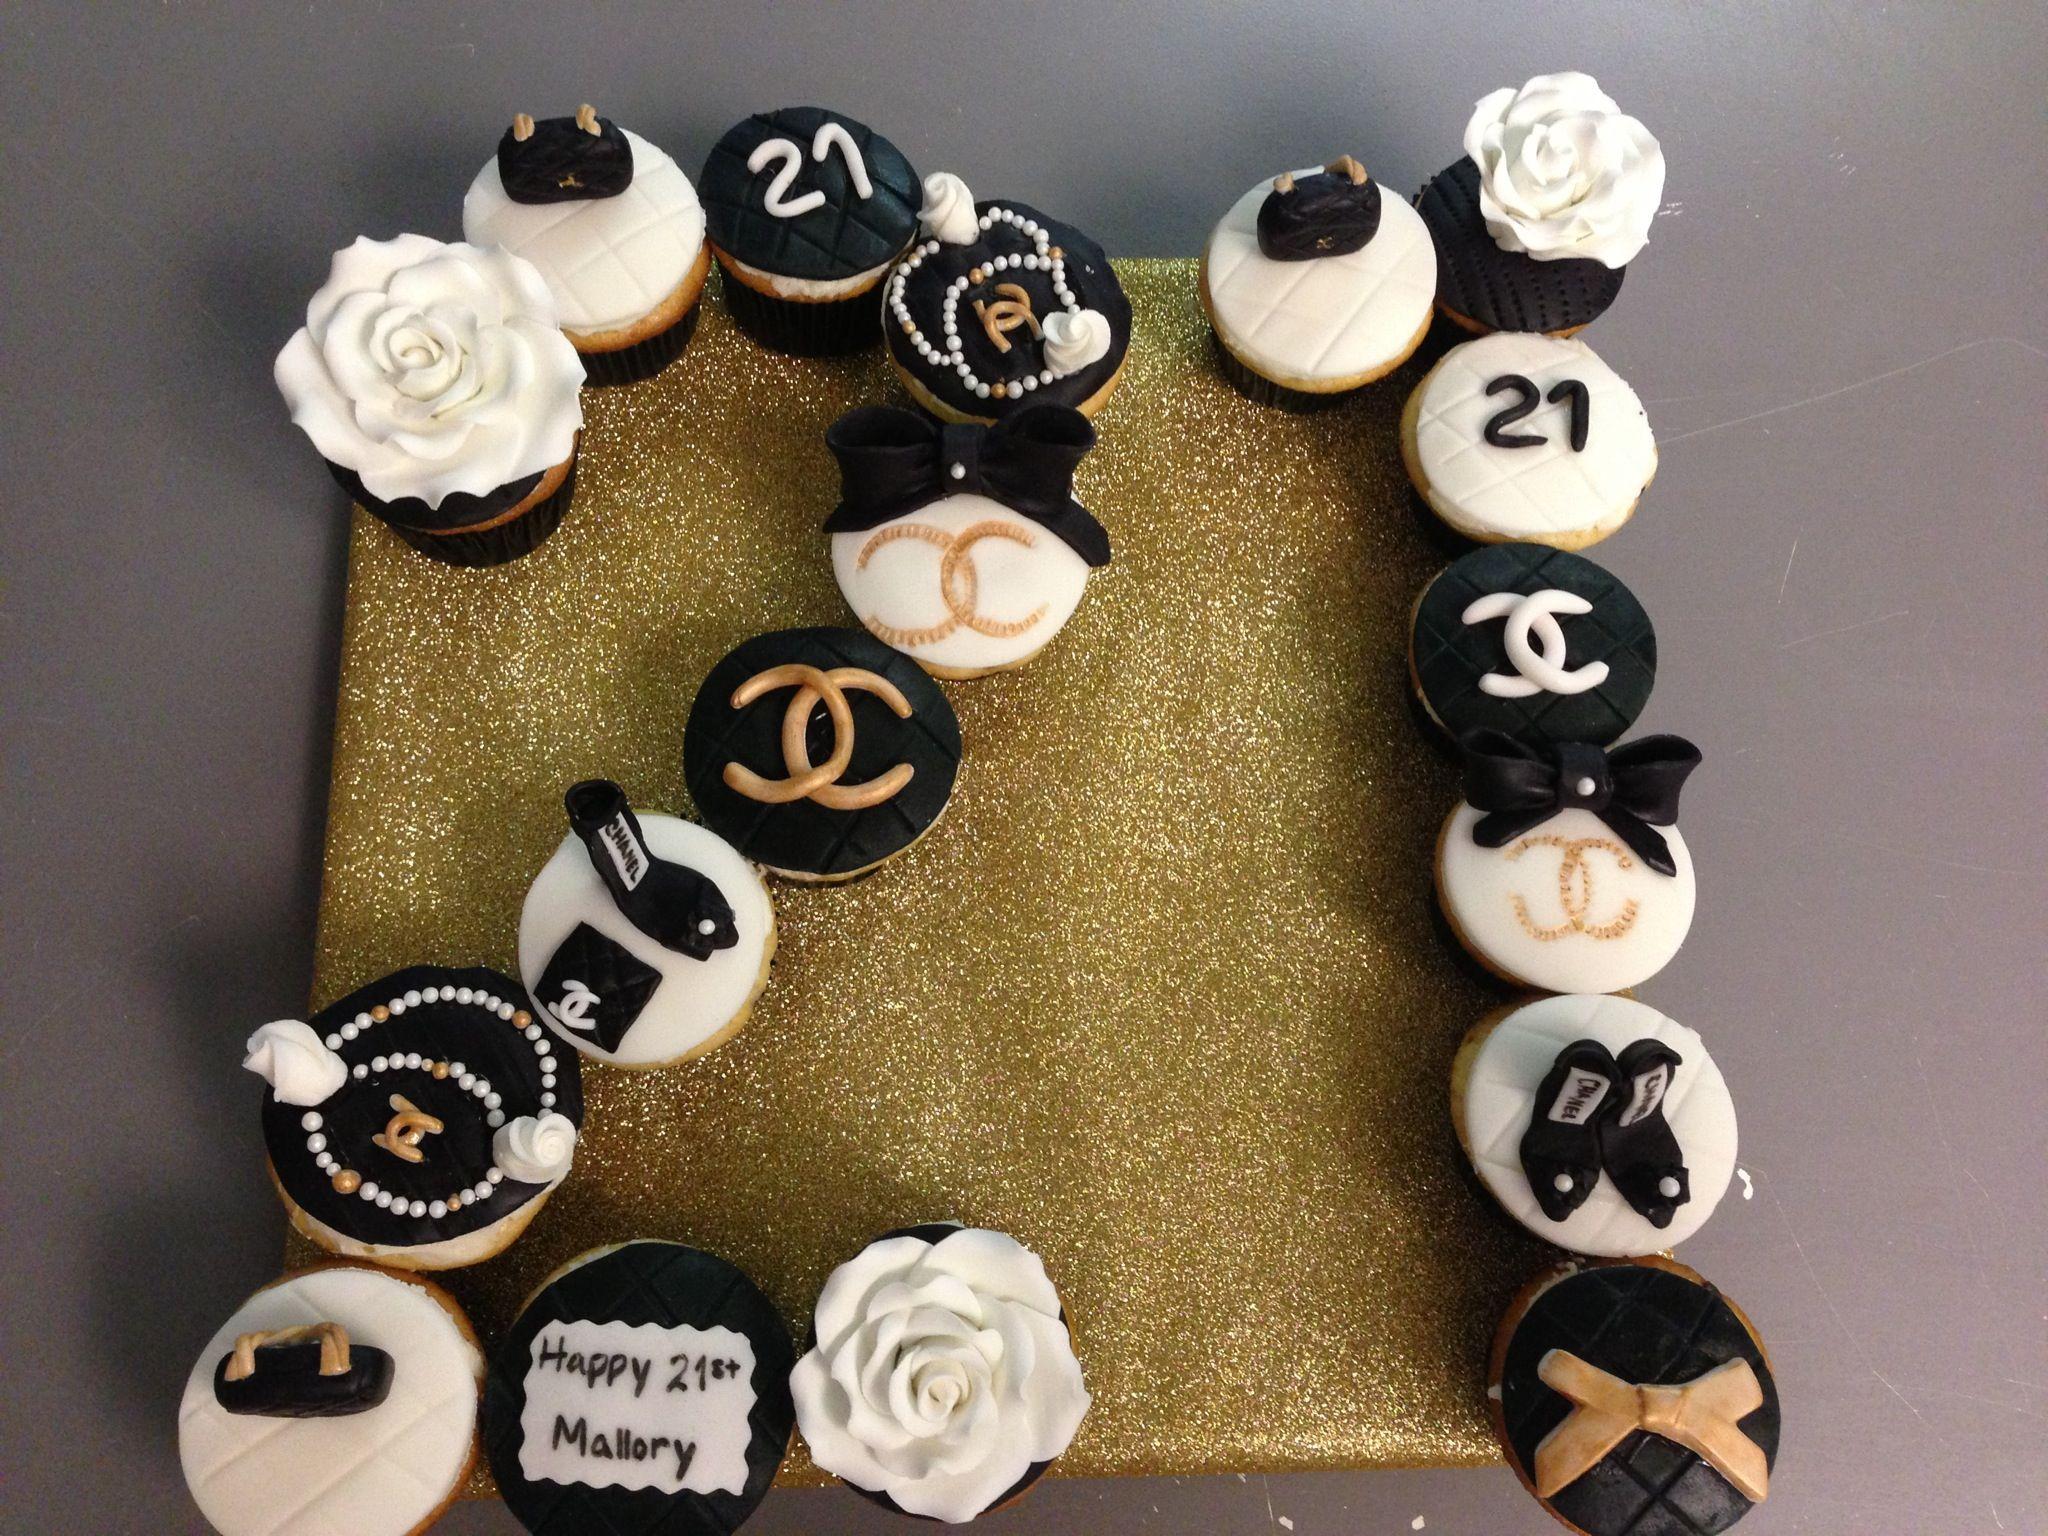 21st Birthday Chanel Cake 21st Birthday Cakes 21st